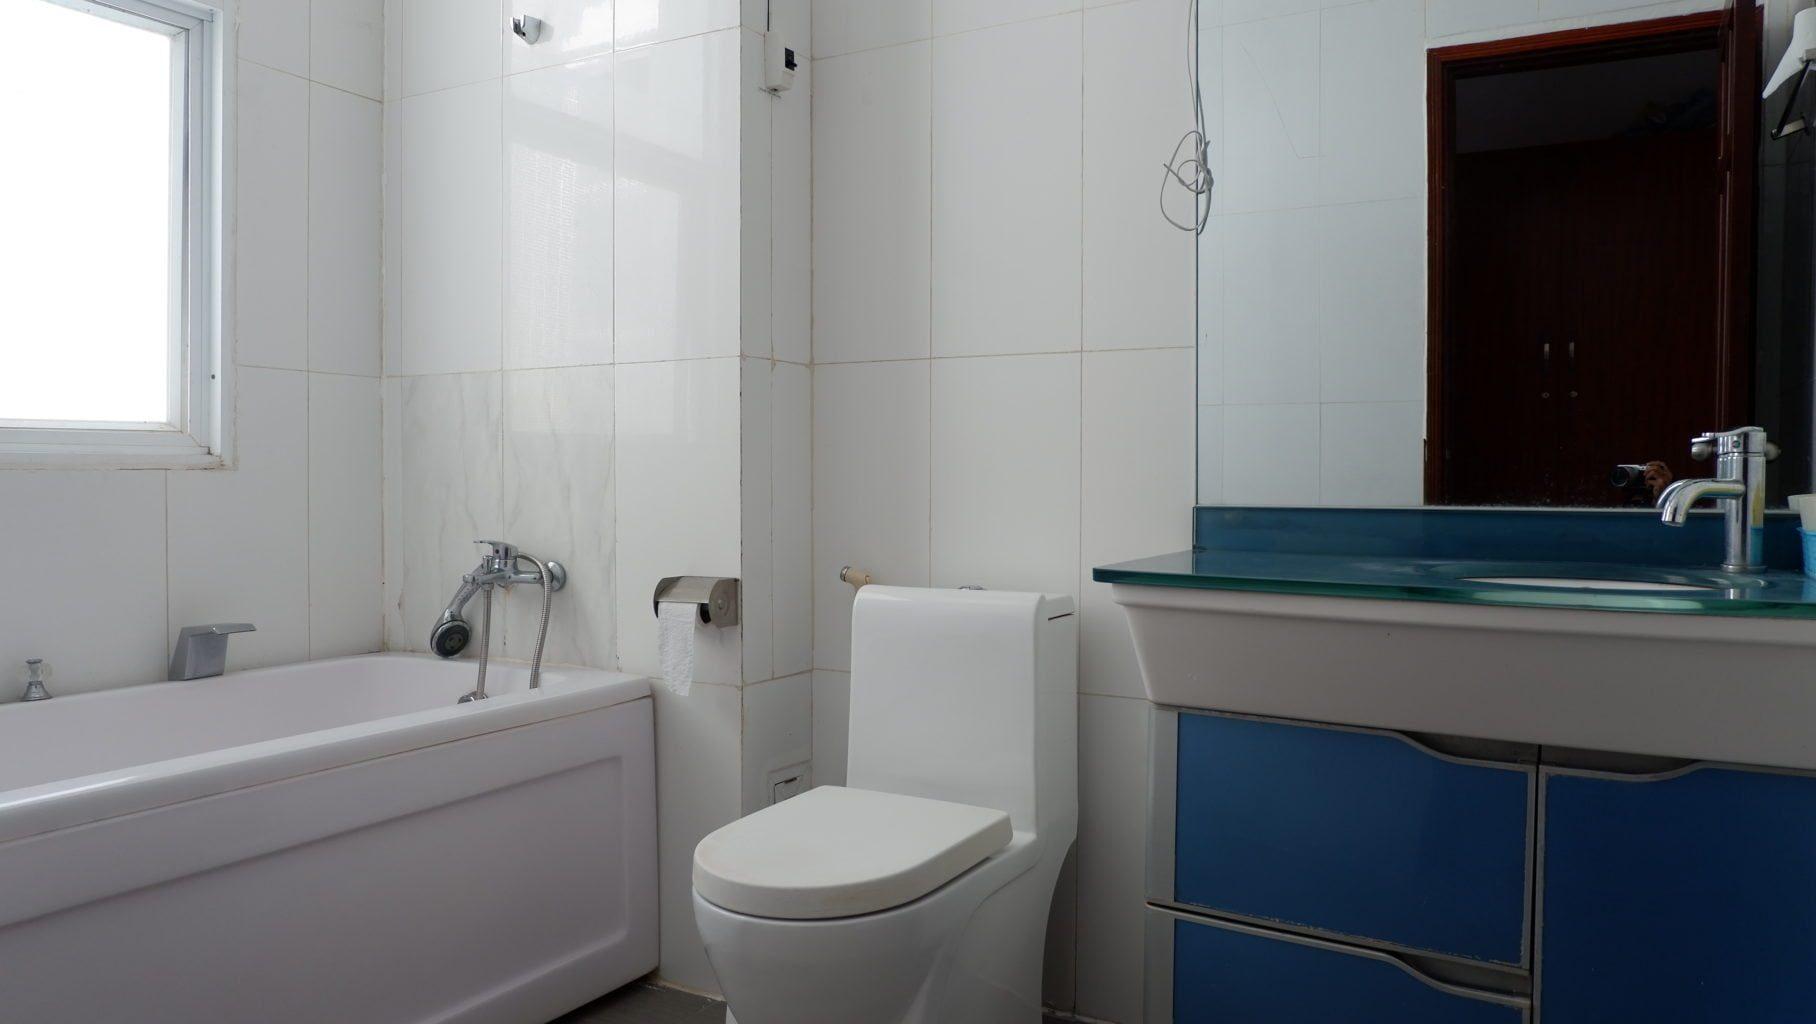 biet thu vung tau ali 10 co toilet ngay trong phong ngu nen dam bao sach se